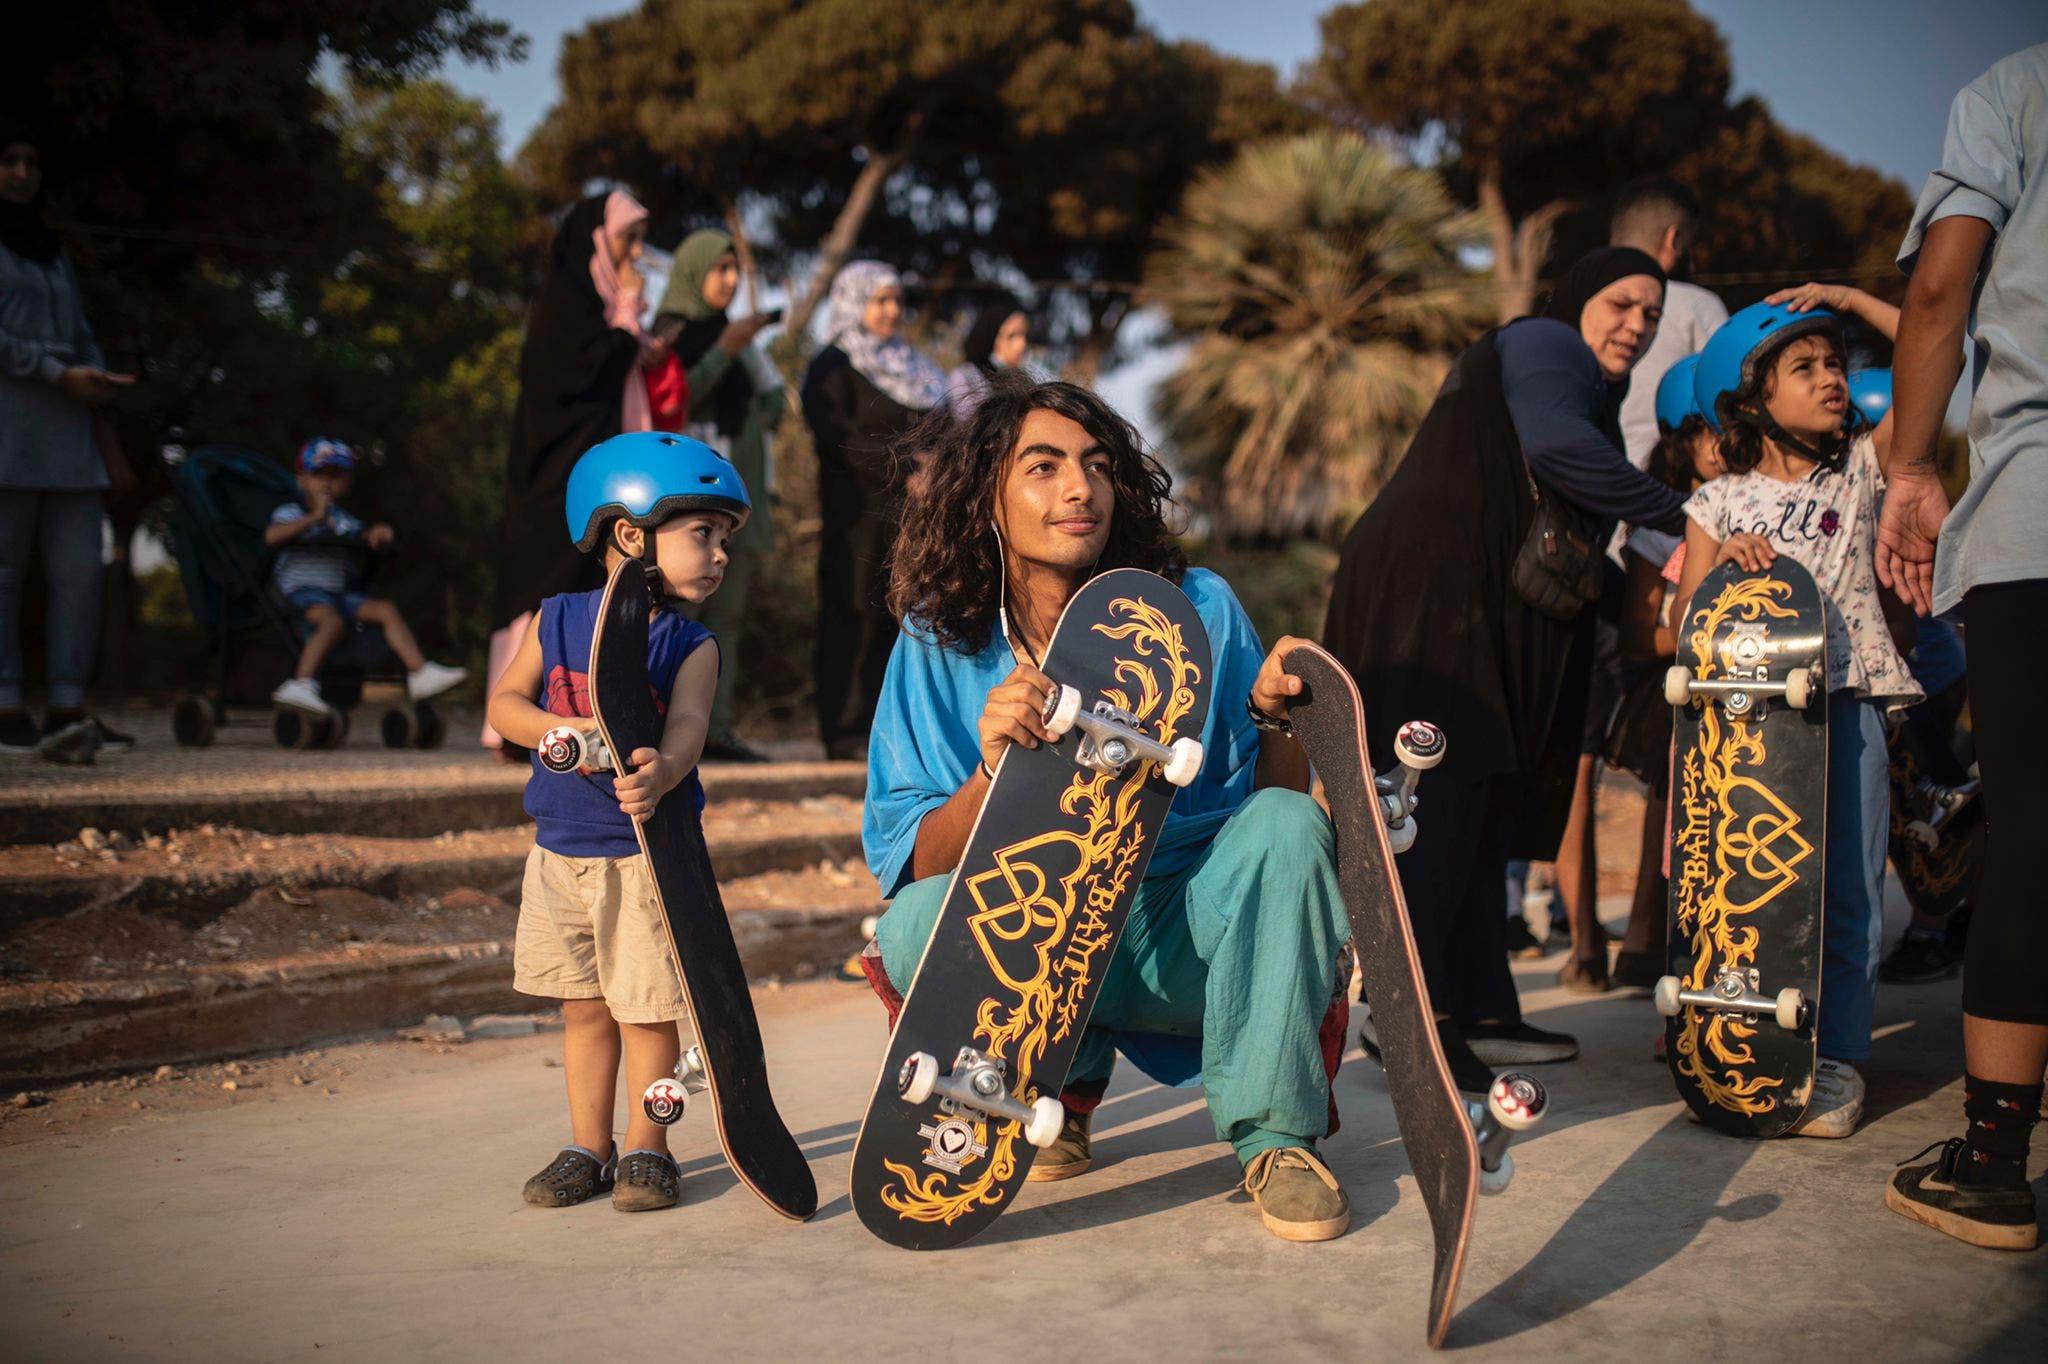 Children taking part in classes at Lebanon's new skatepark. (Image: Make Life Skate Life)